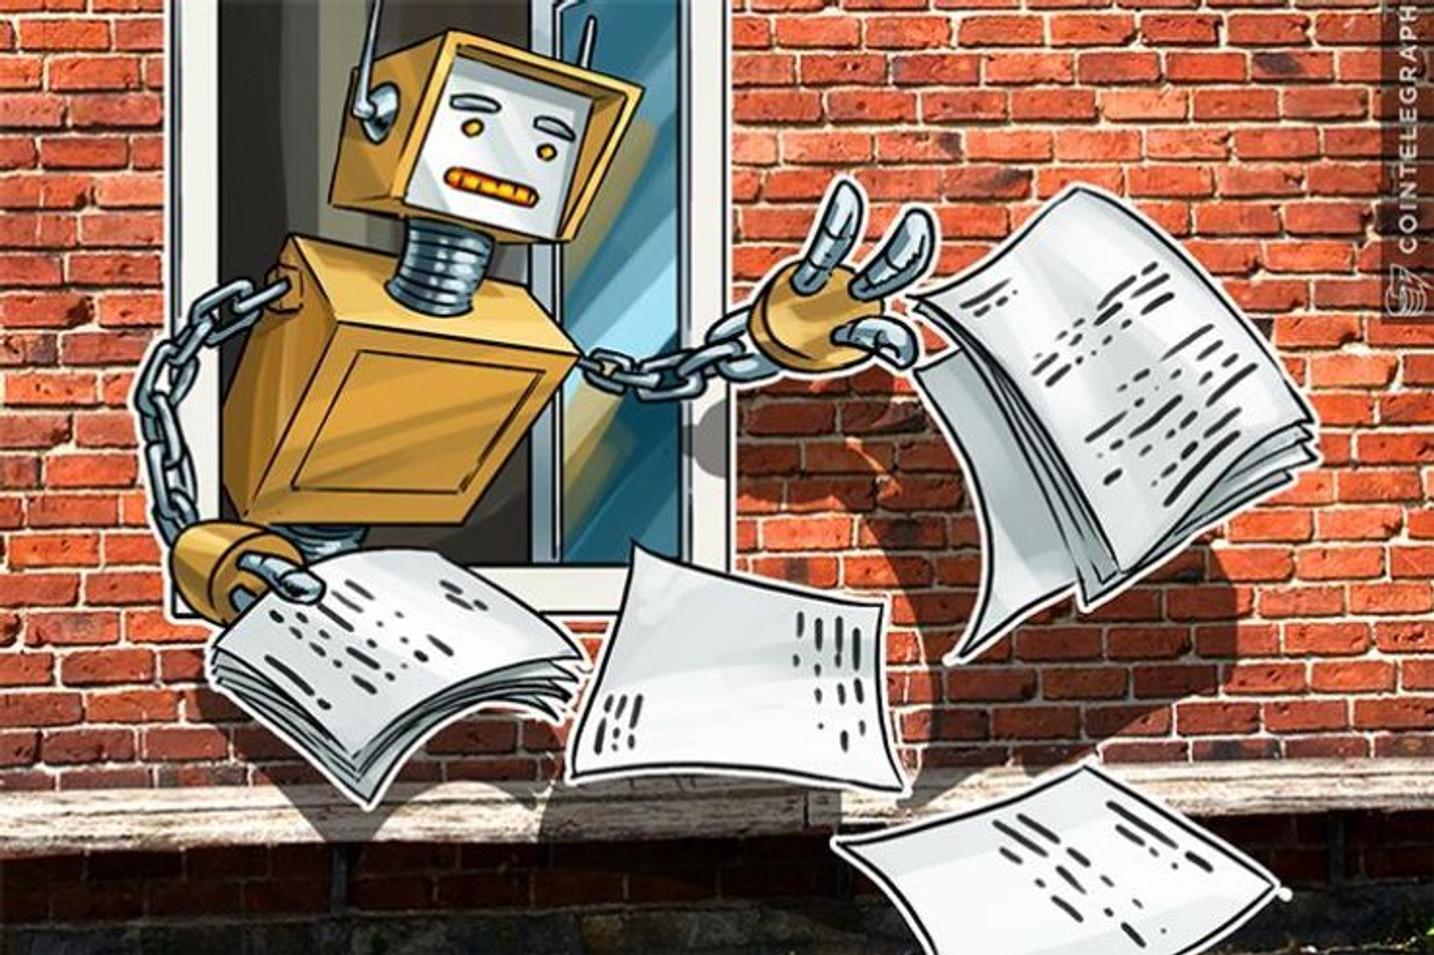 Congreso de Quintana Roo, en México, usa Blockchain de Avalanche para certificación de documentos